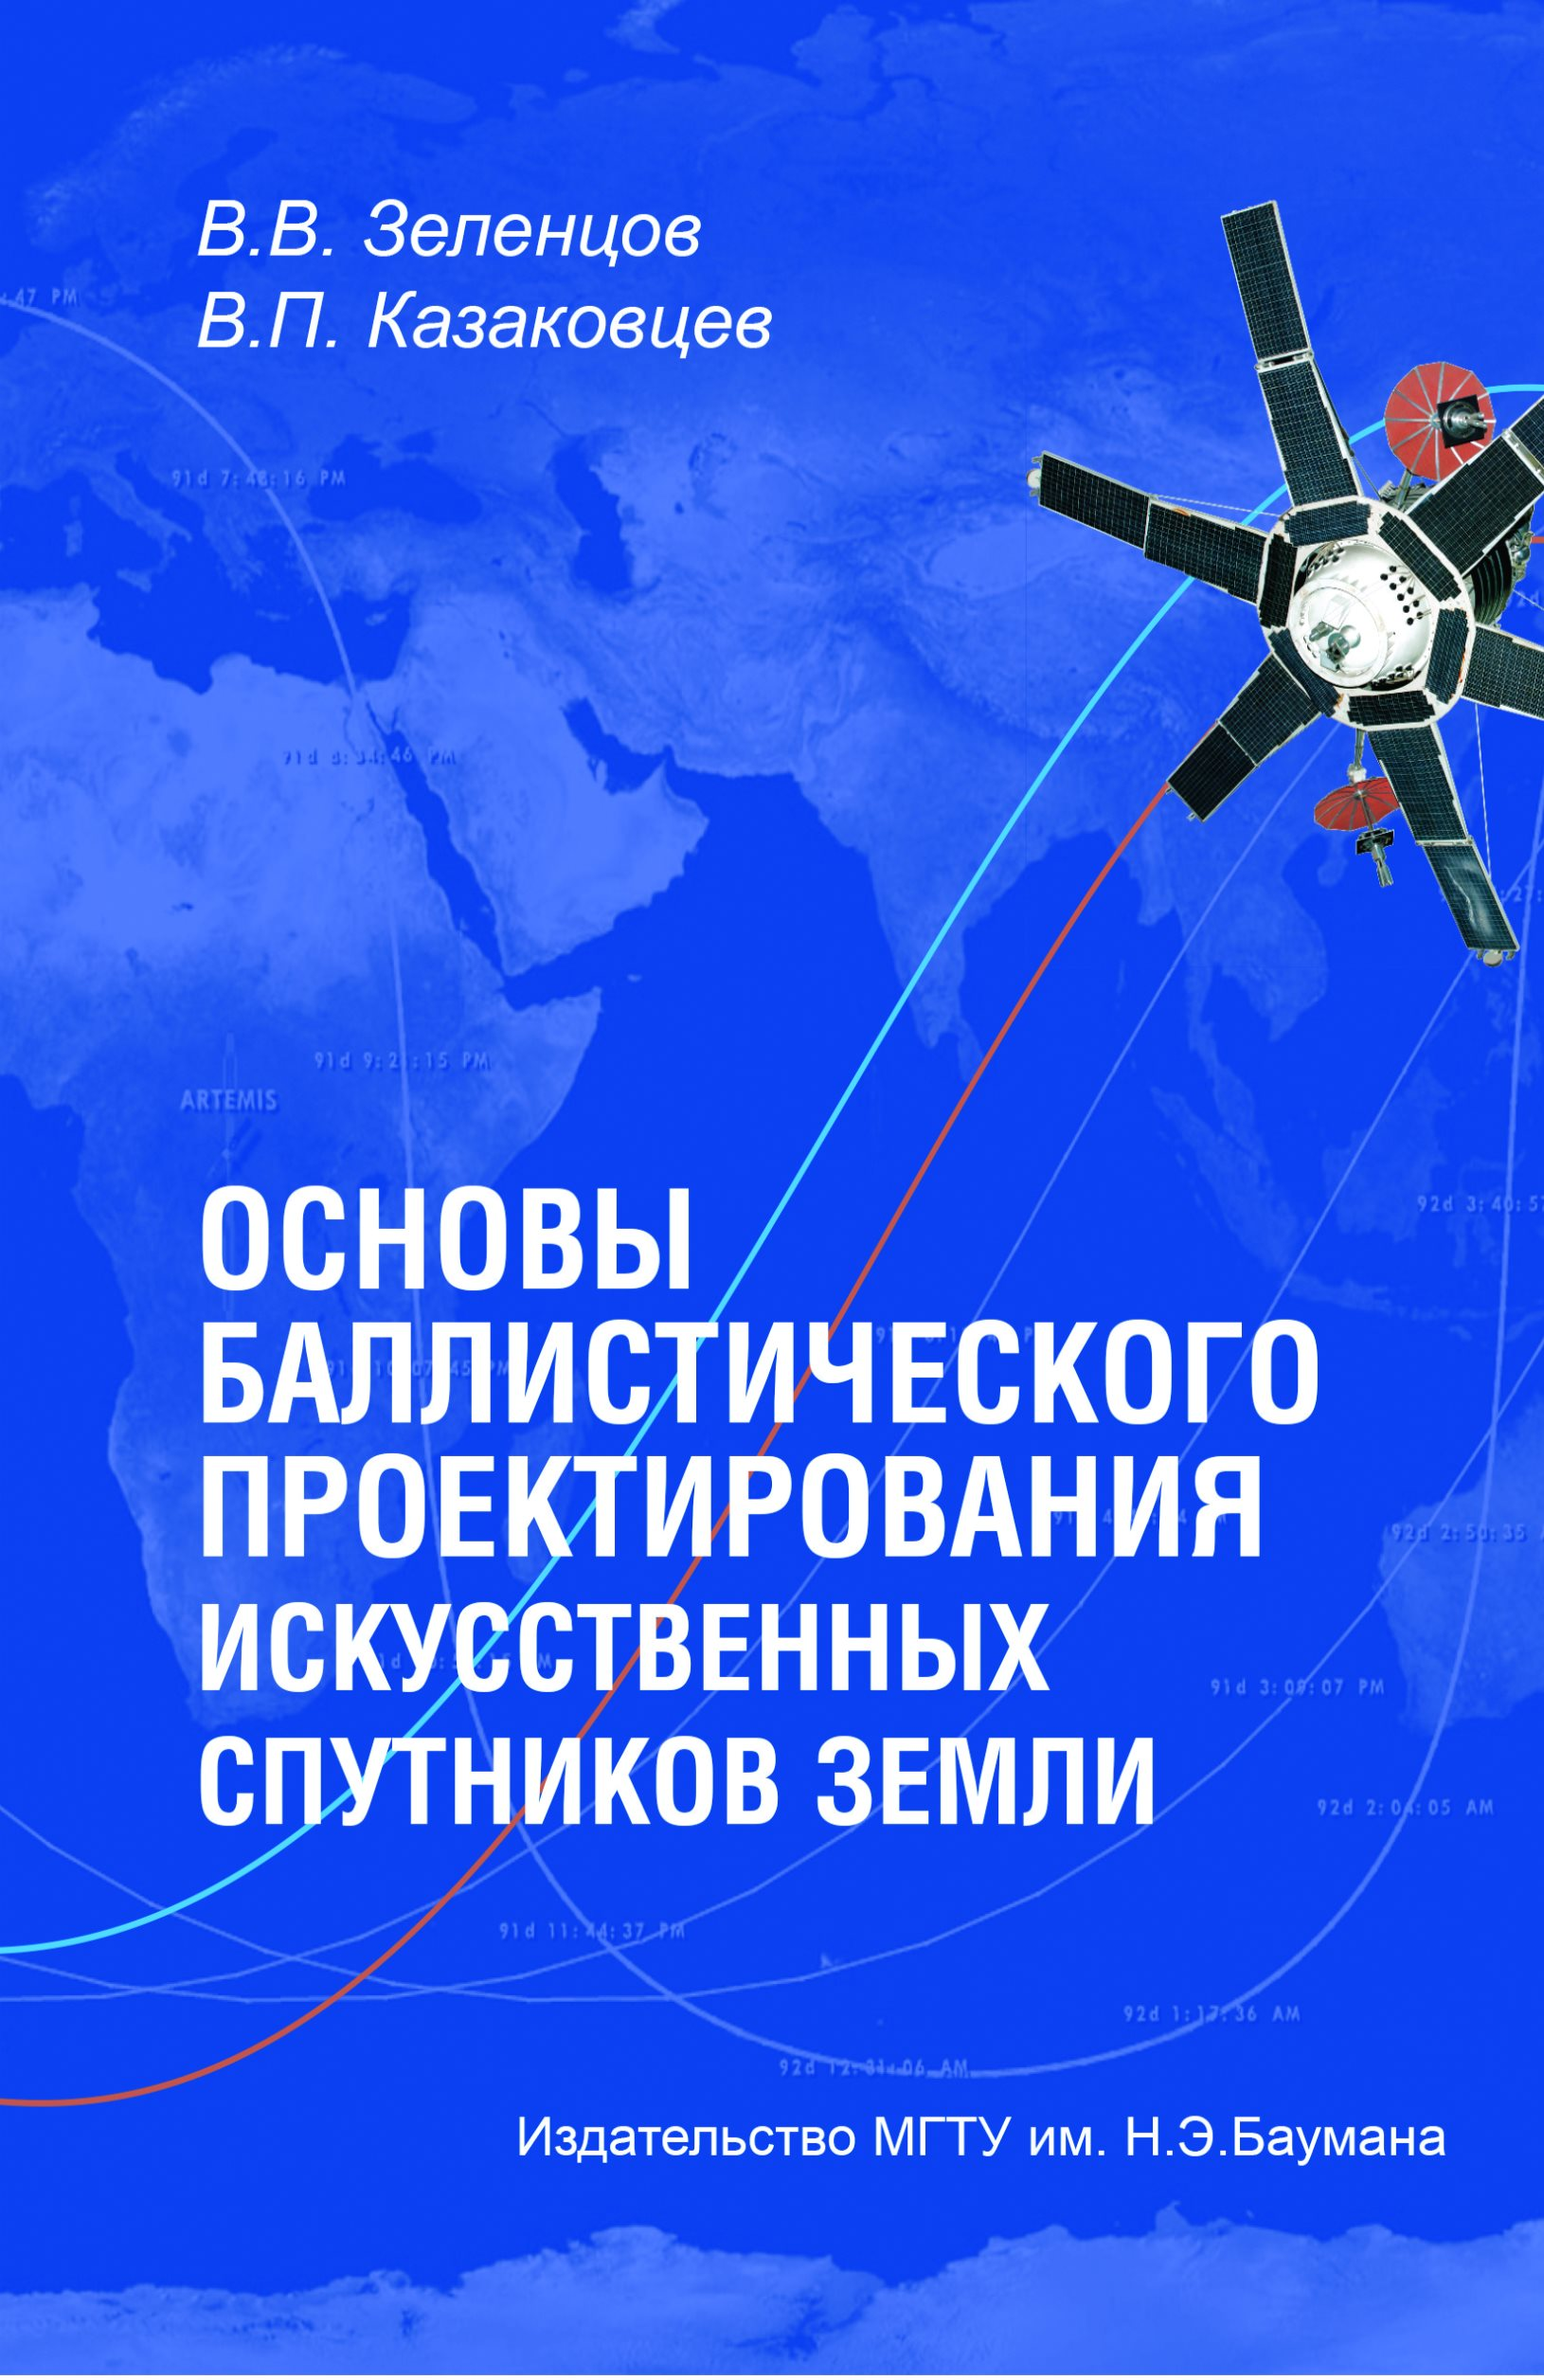 Владимир Зеленцов Основы баллистического проектирования искусственных спутников Земли грант бенджамин 0 вид сверху потрясающие снимки земли со спутников